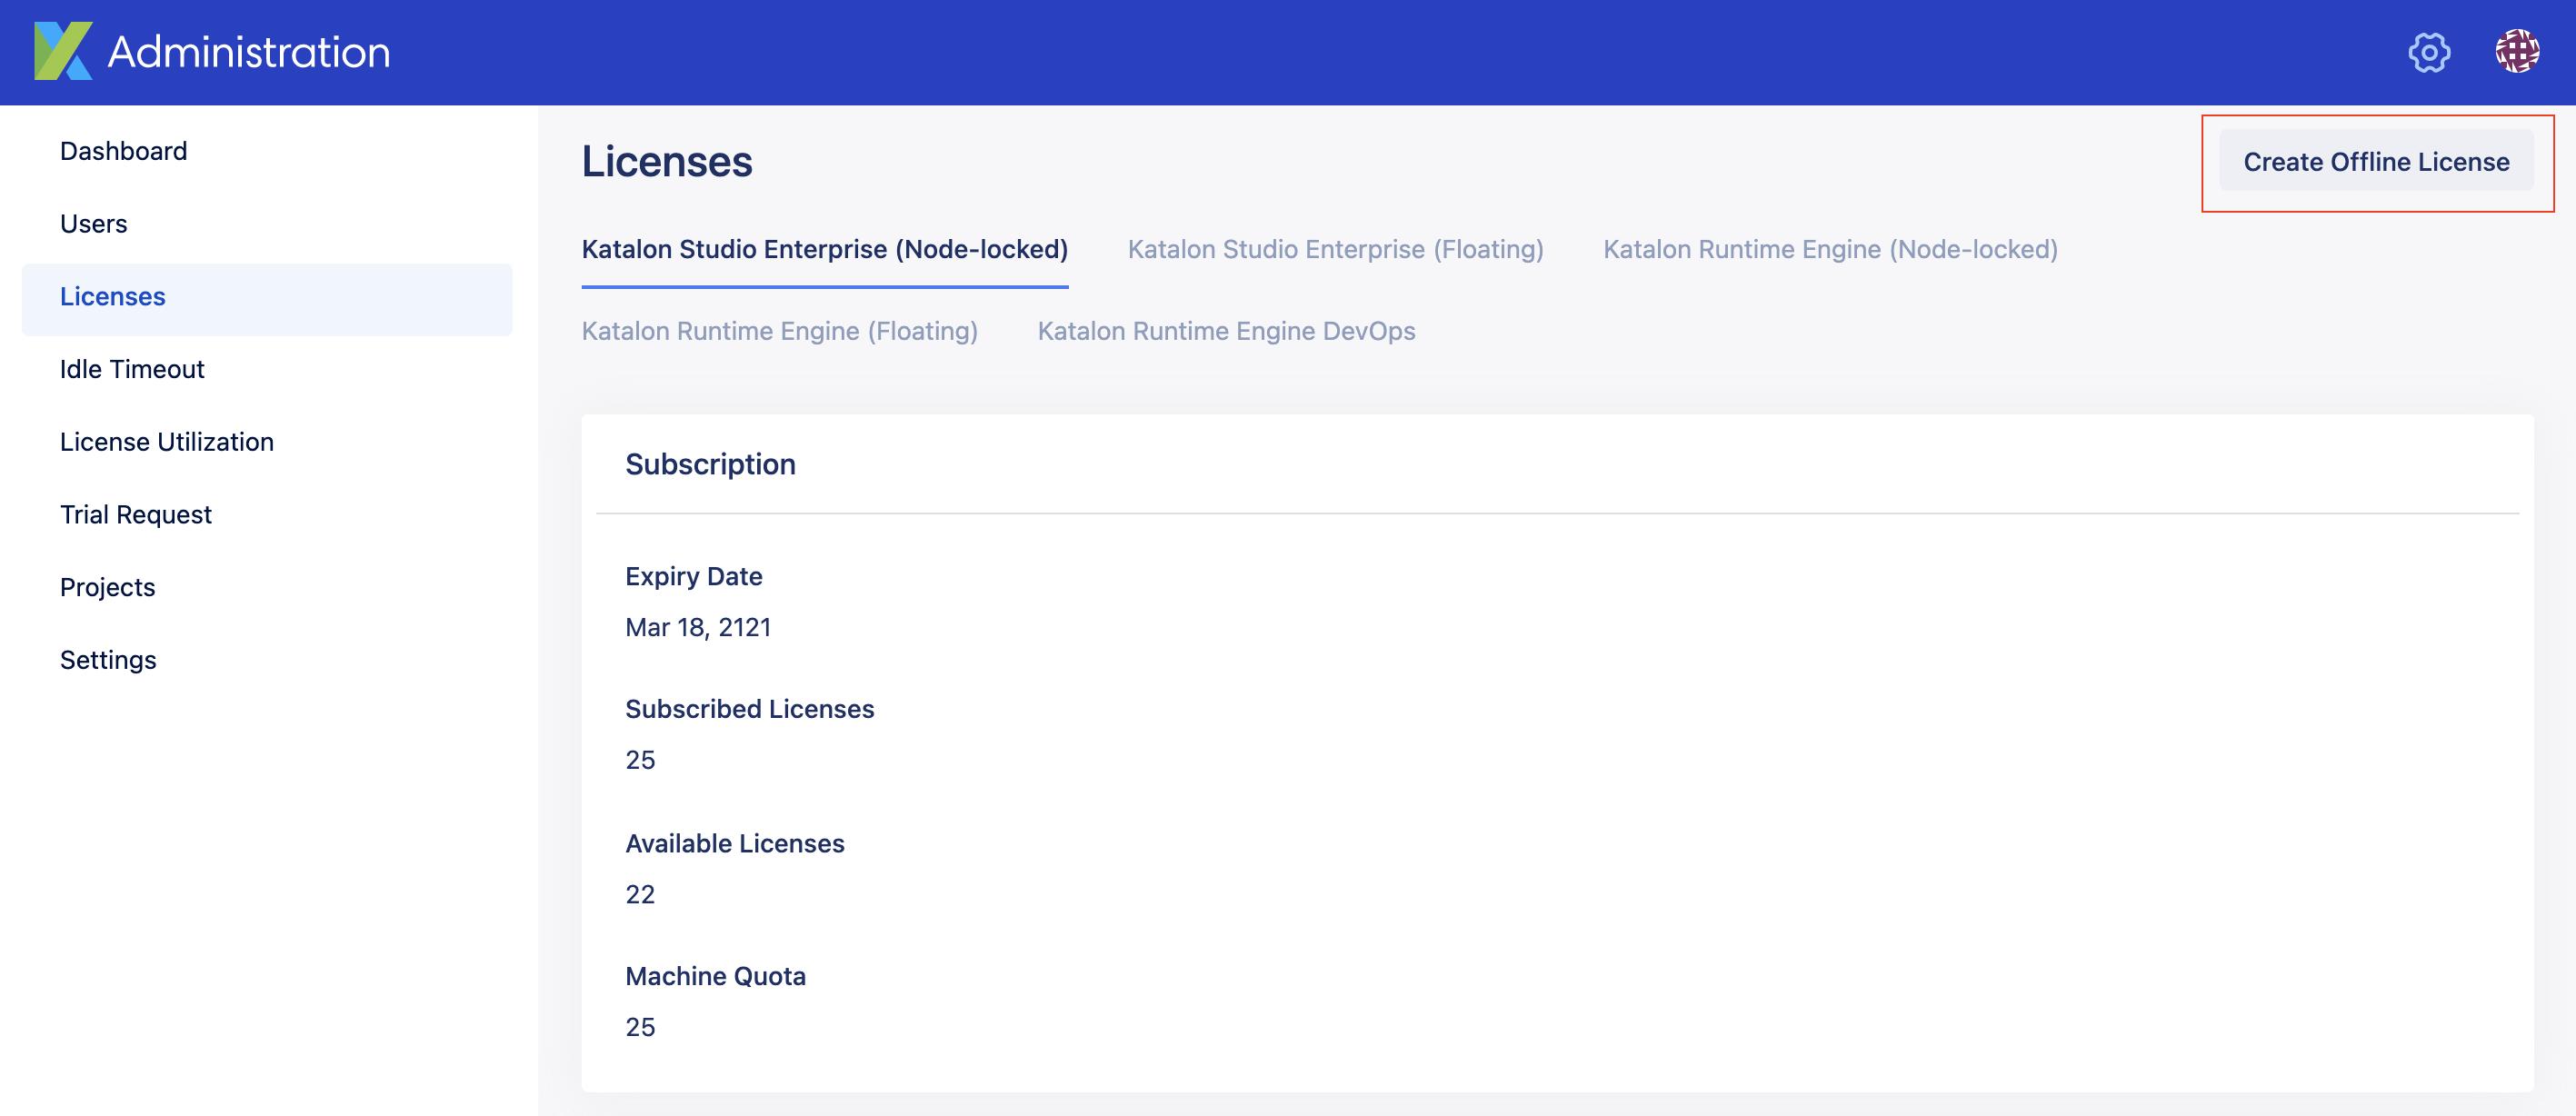 create offline license button